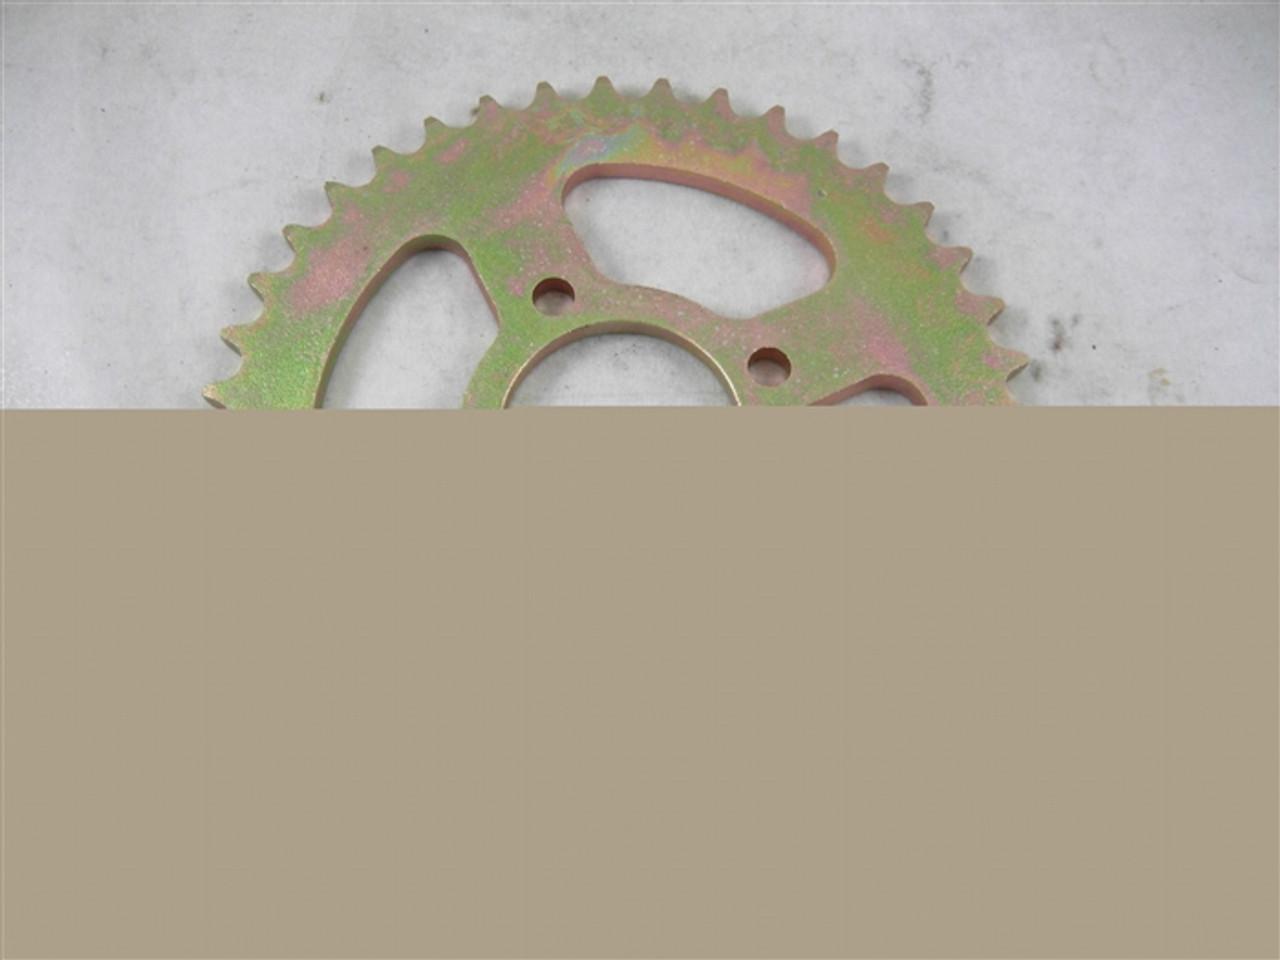 CHAIN SPROCKET (REAR) 10303-A17-15